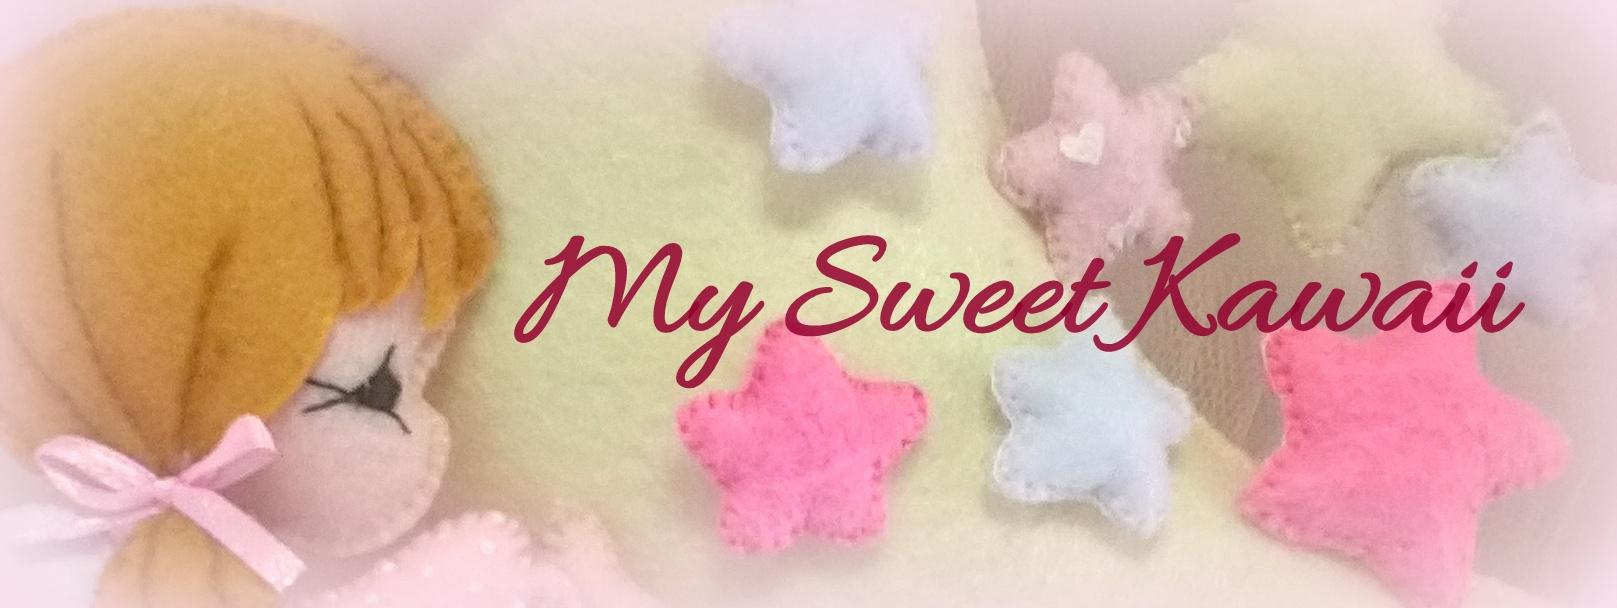 My Sweet Kawaii feltro